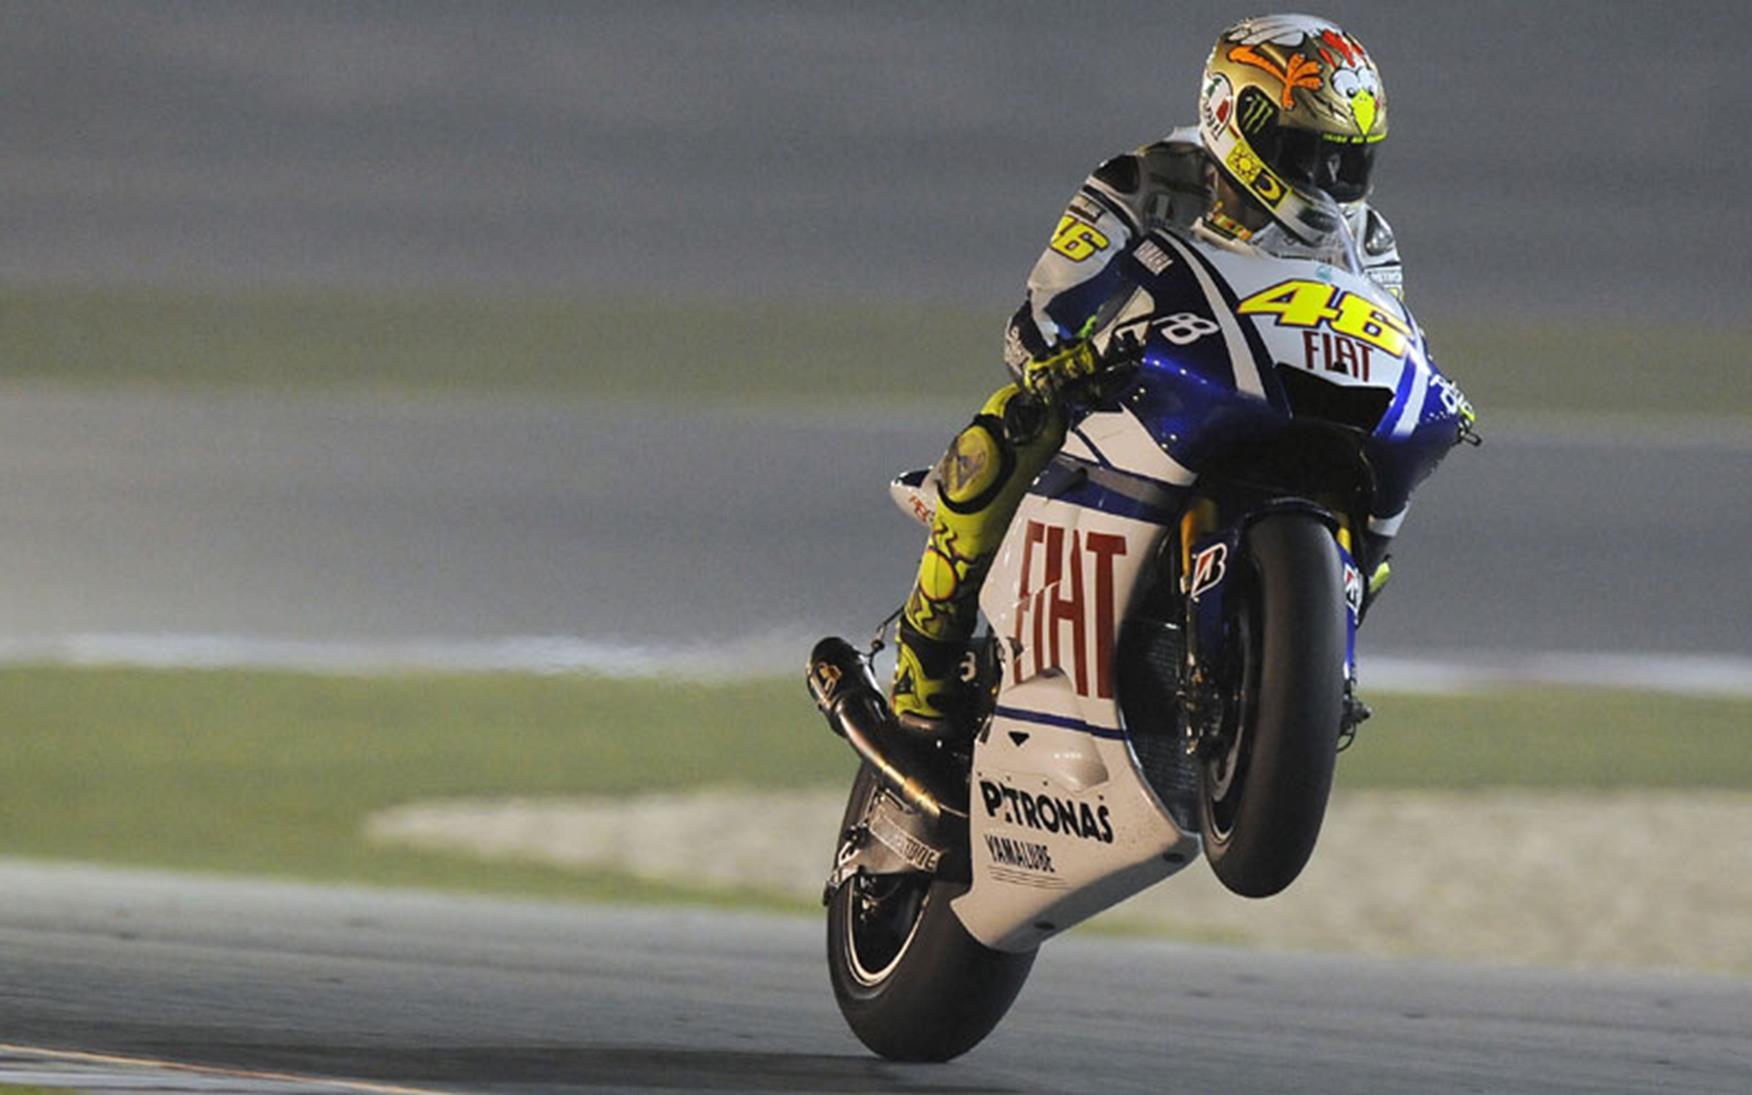 Valentino Rossi dazzles under Qatar floodlights | MCN